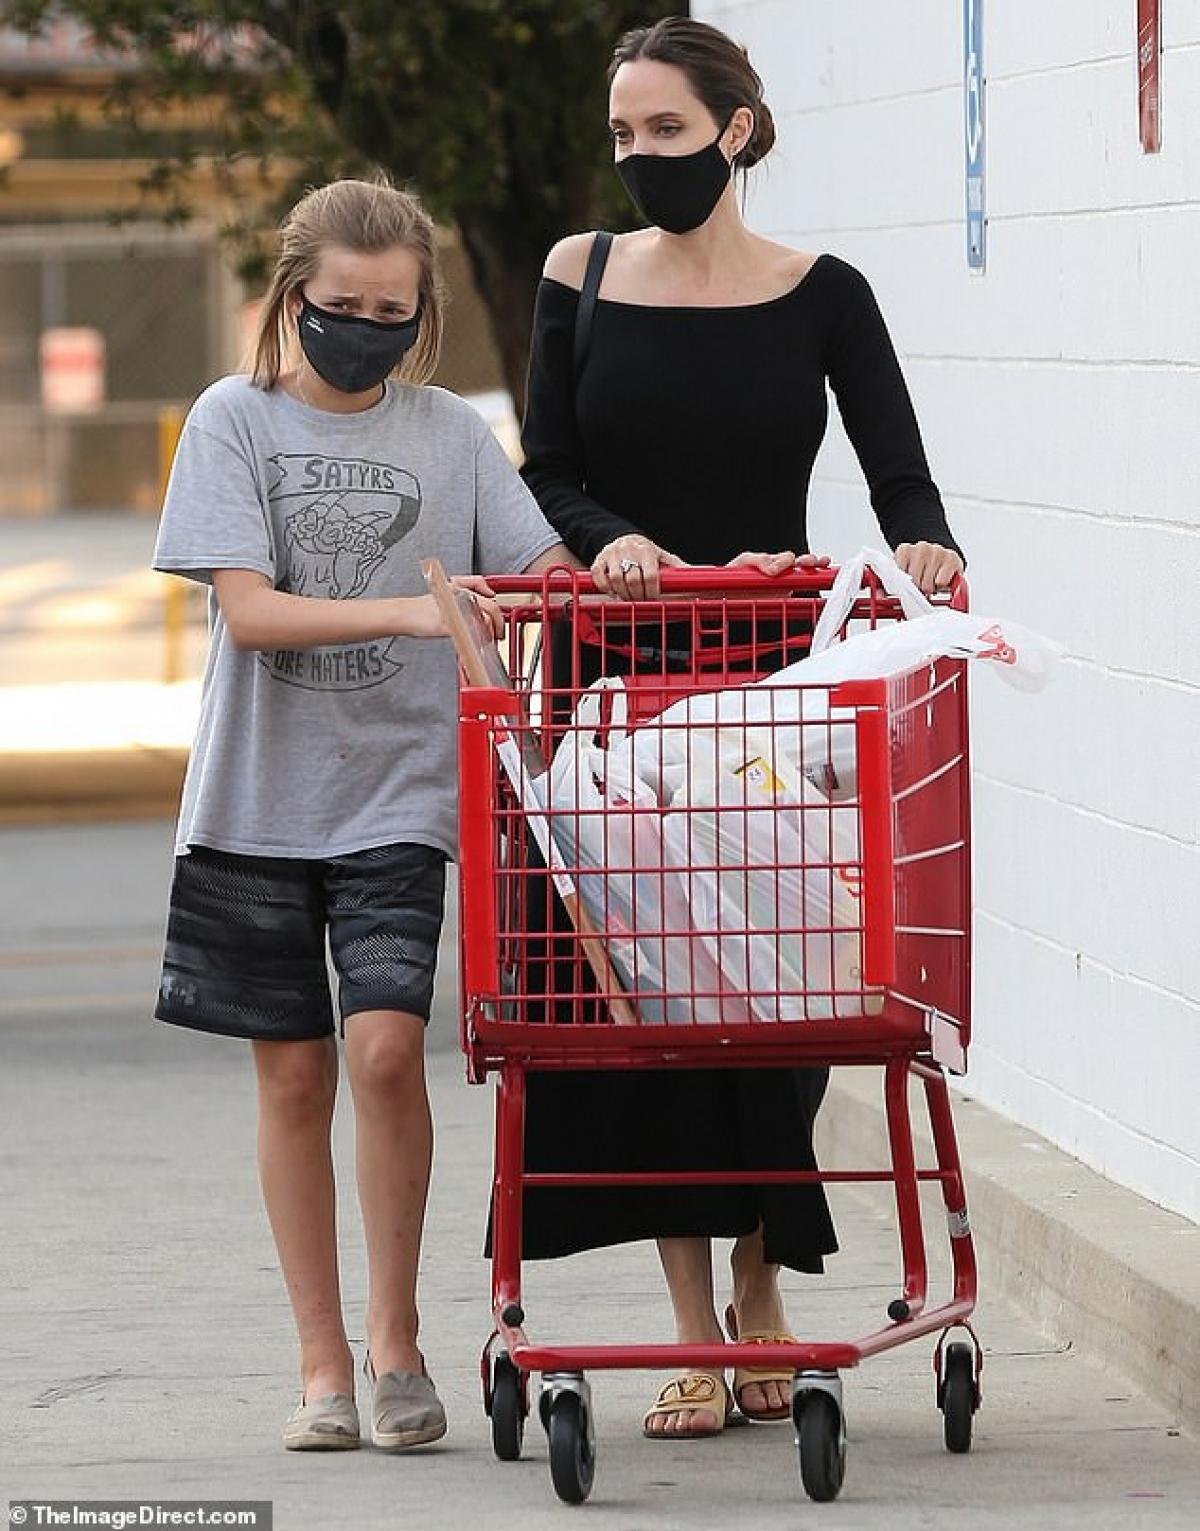 Angelina Jolie vui vẻ đưa con gái Vivienne đi mua đồ ở Los Angeles ngày 24/8 vừa qua. Hai mẹ con vừa đi vừa trò chuyện khá thân mật.